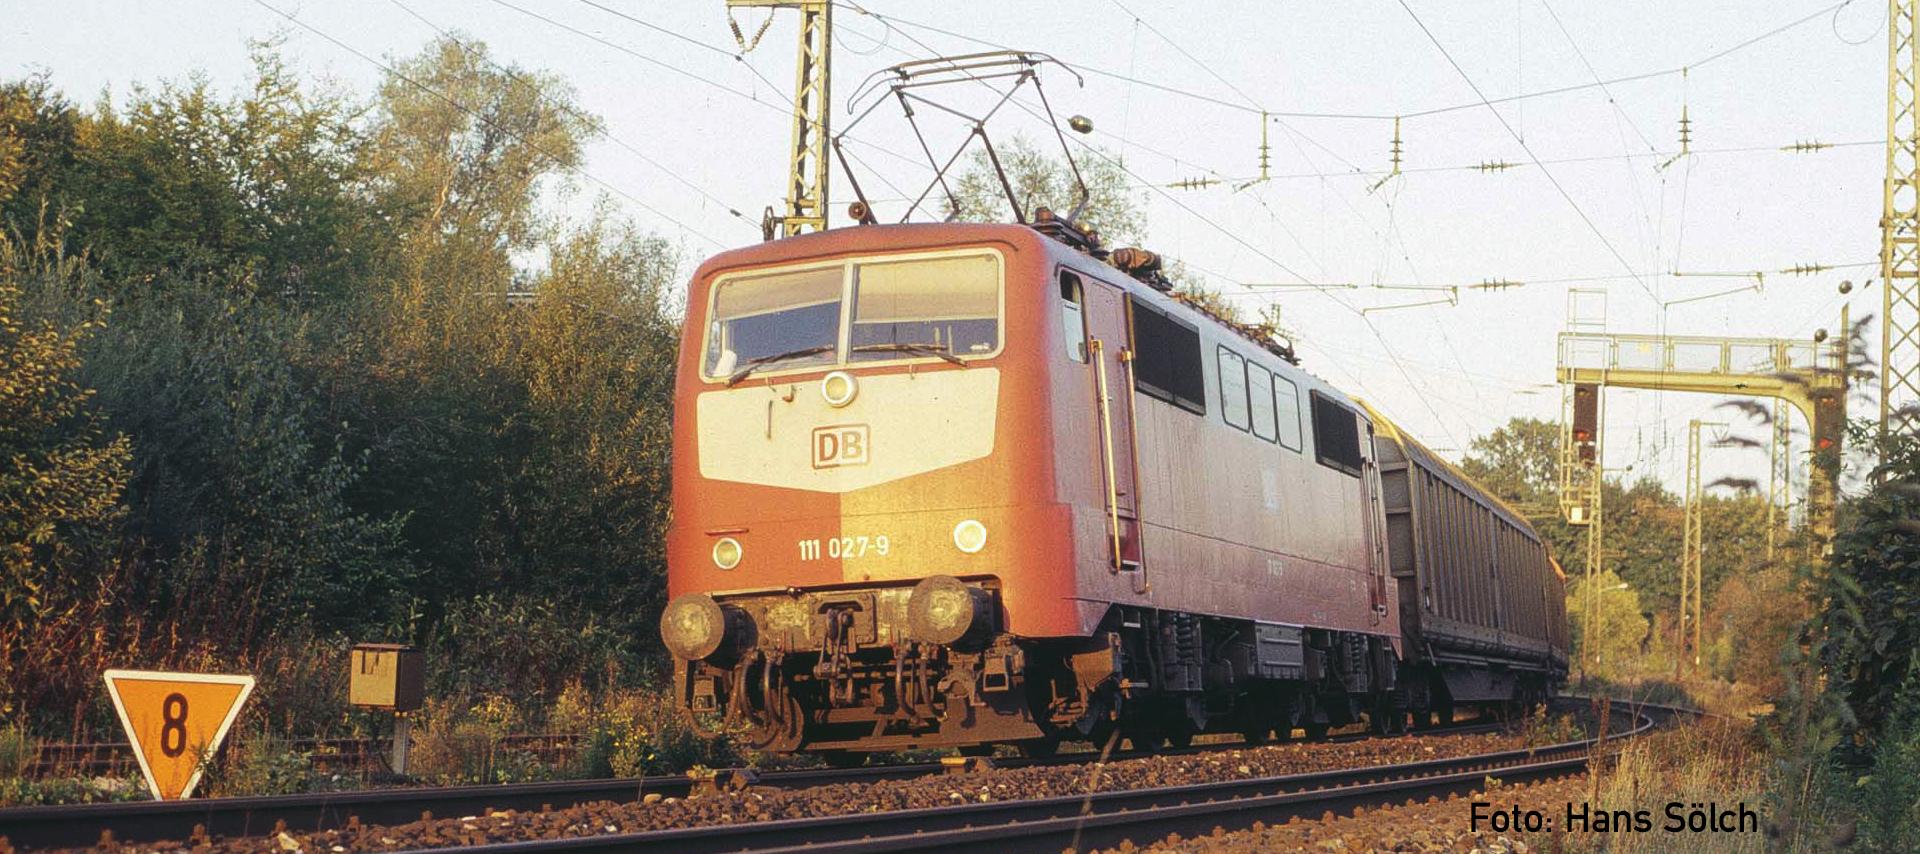 Lokomotive Baureihe 111 Vorbild